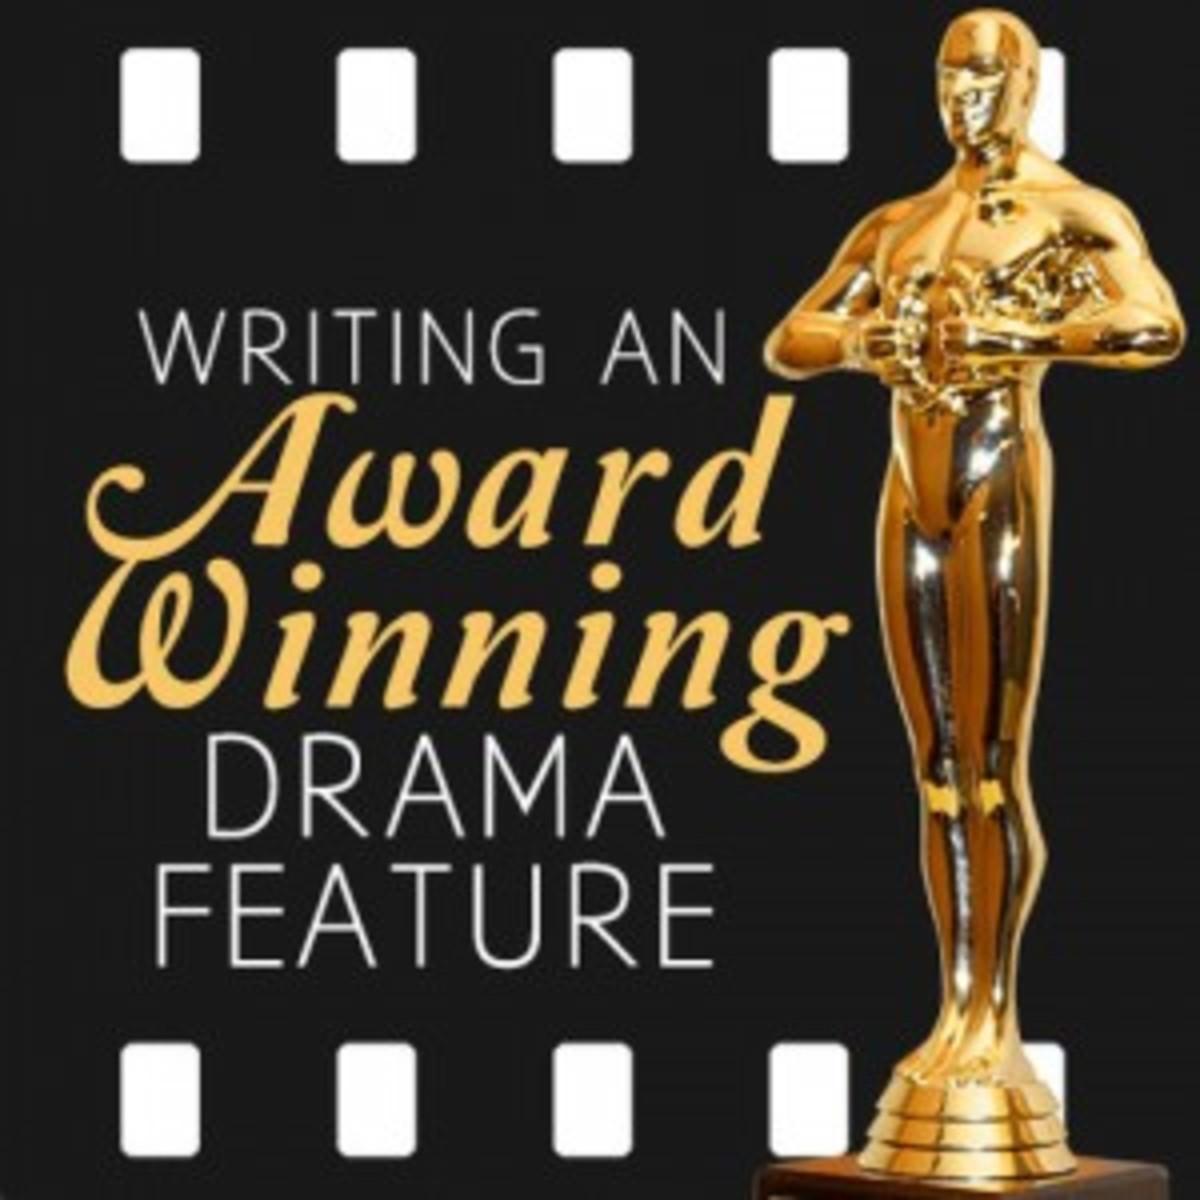 ws_awardwinningdrama-5002_medium